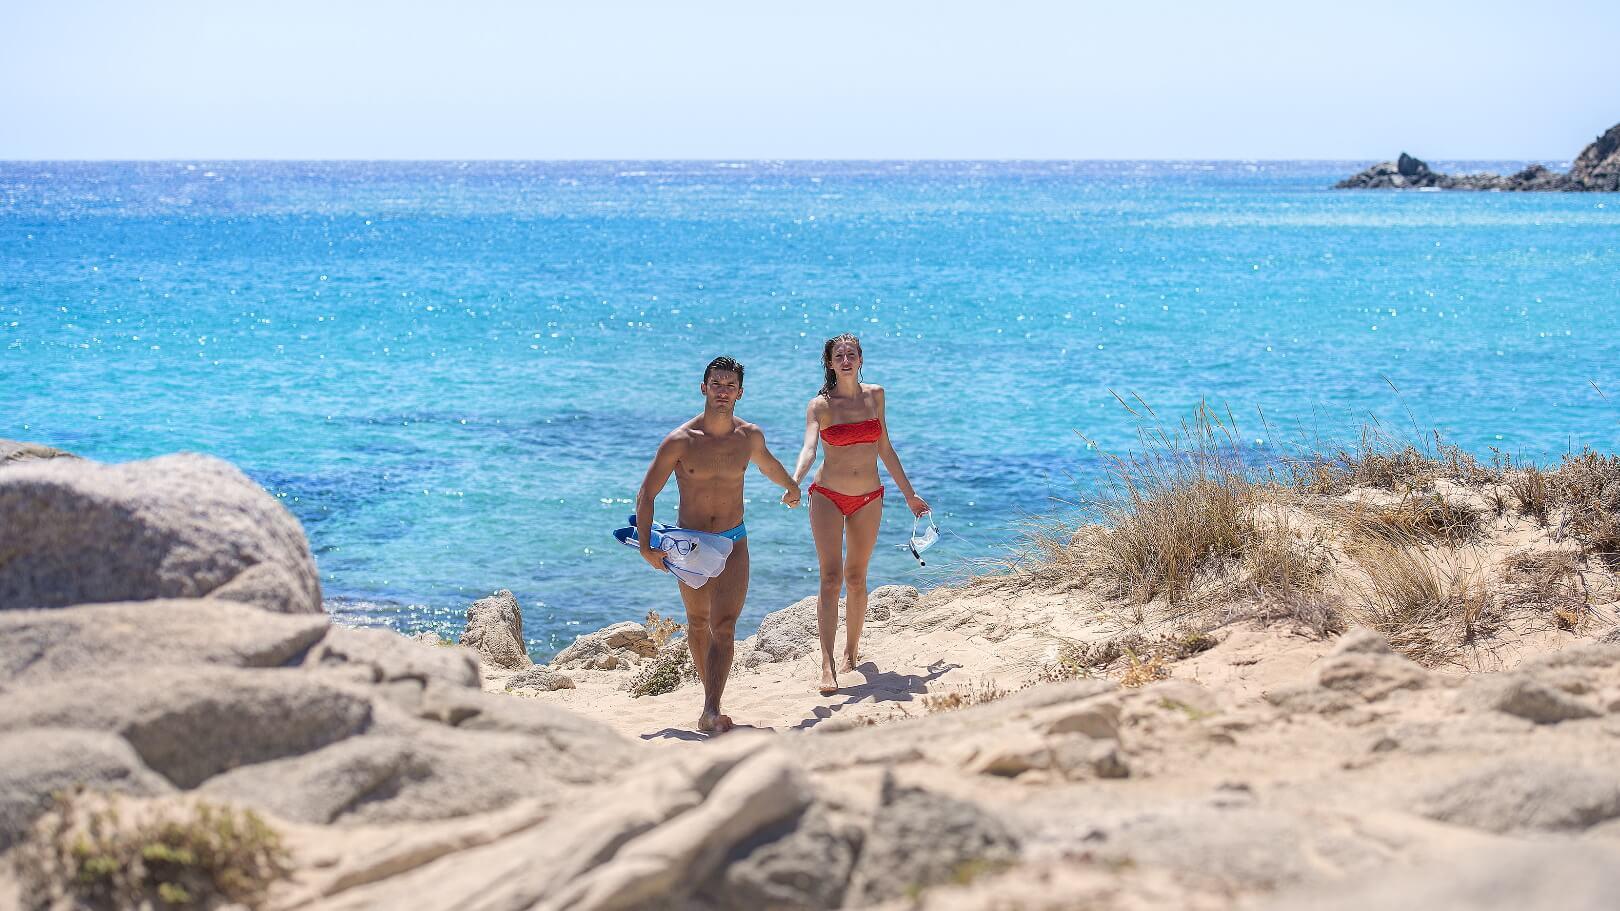 https://www.chialagunaresort.com/wp-content/uploads/2021/05/IHC_Chia-Laguna-Resort_grid_water-sports-5.jpg